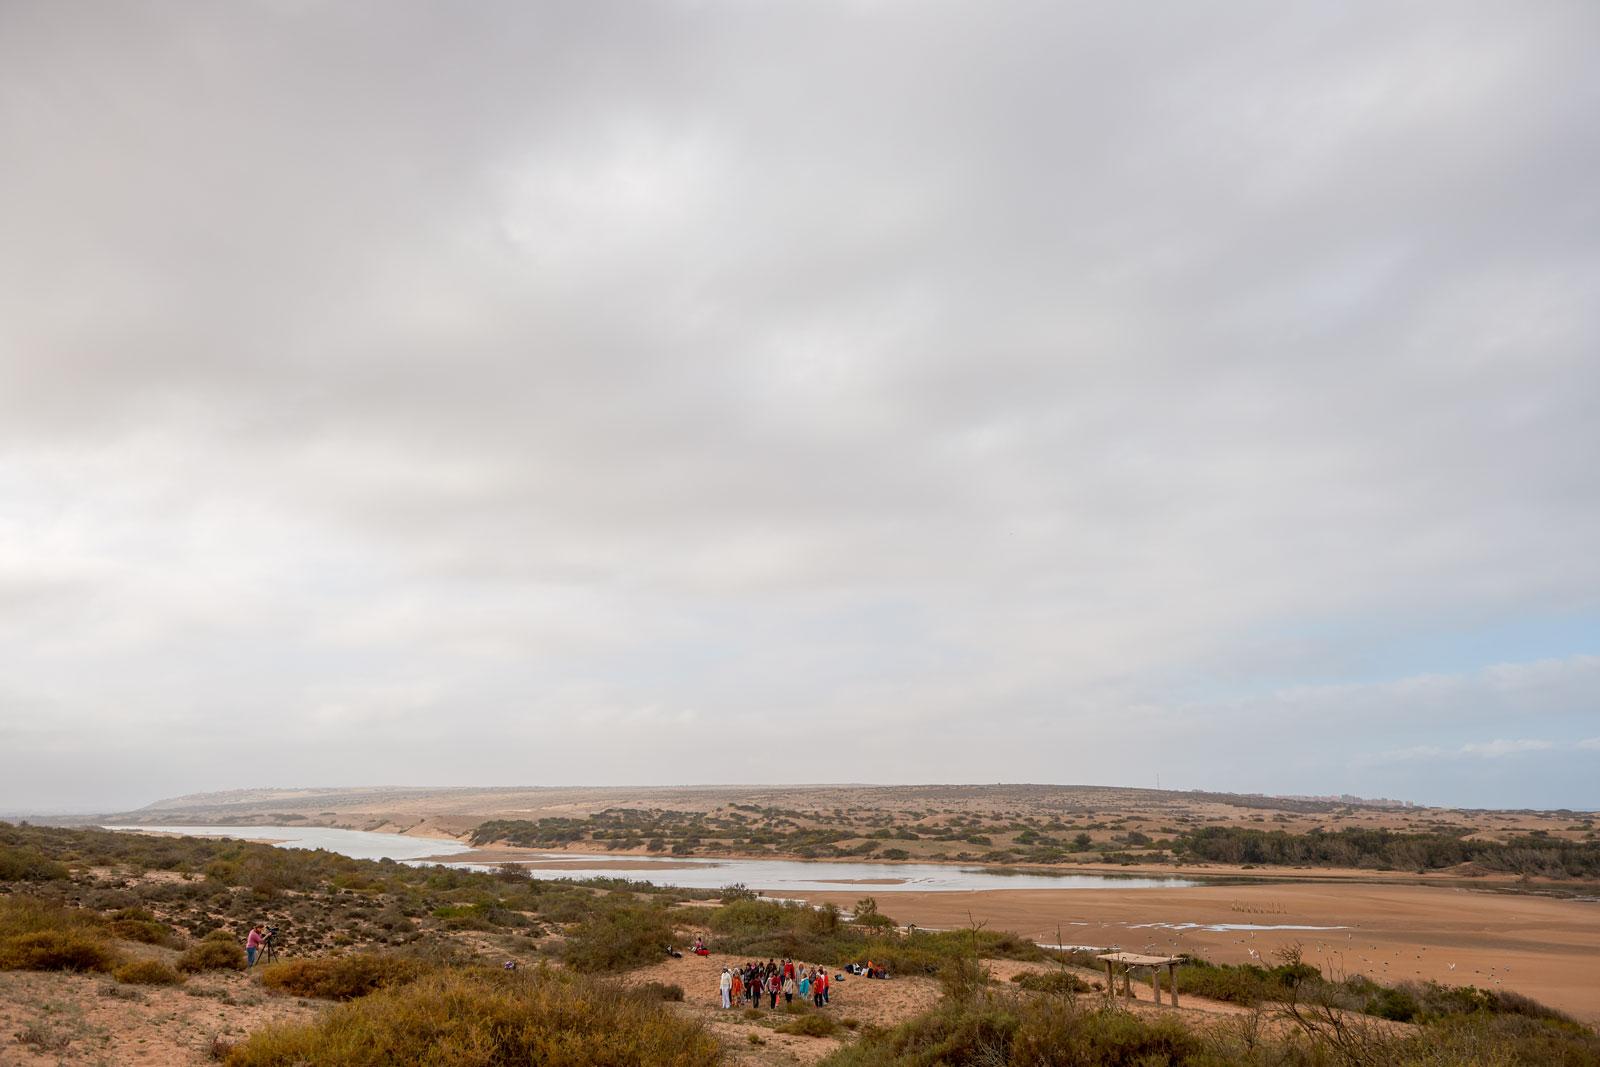 Bild einer nahezu ausgetrockneten Flusslandschaft mit einer kleinen Menschgruppe im Vordergrund